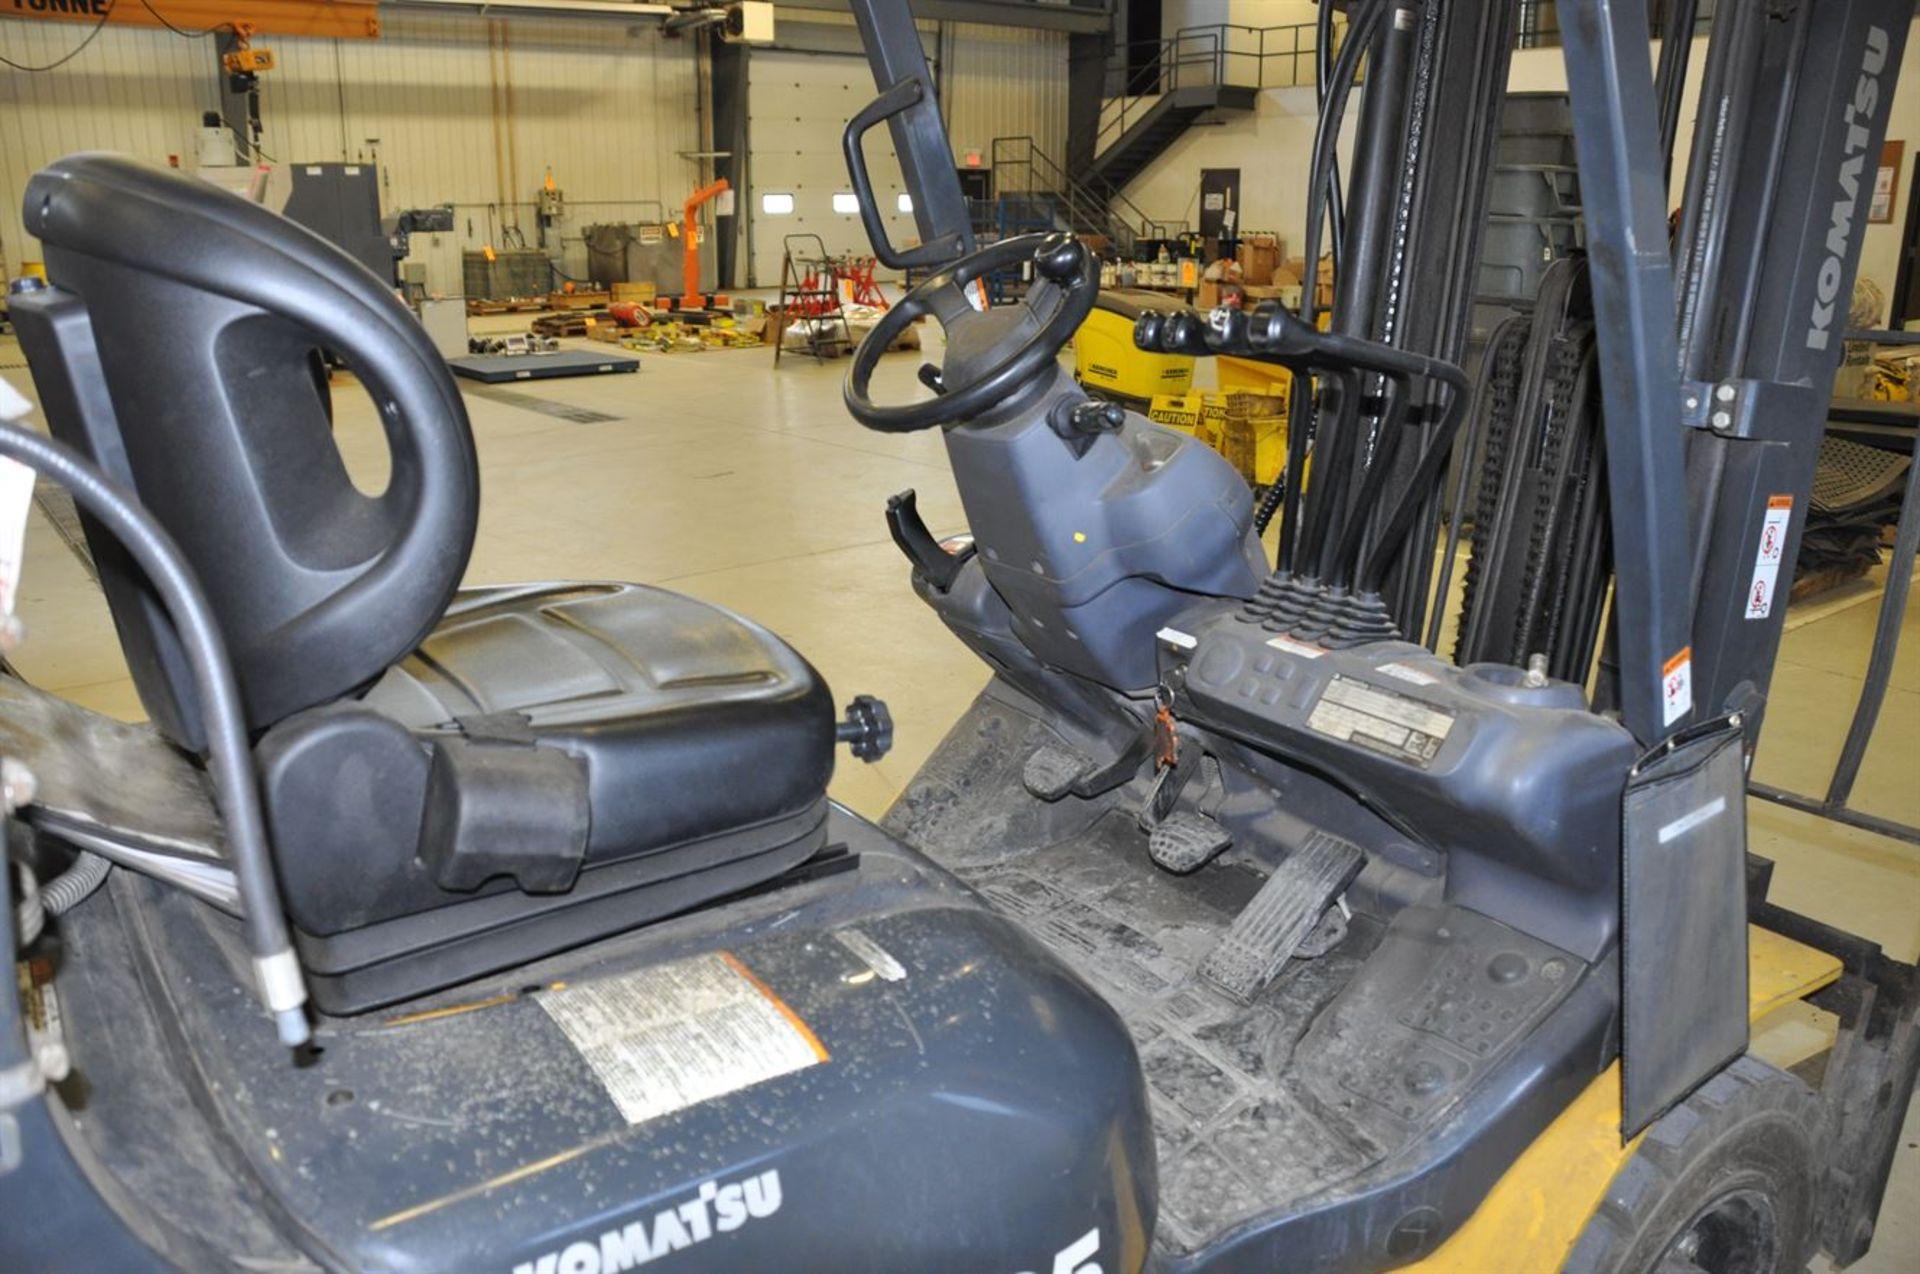 """2012 KOMATSU FG25T-16 8,500 lb. LPG Forklift, s/n A224476, w/ 188"""" Tri-Mast, Side Shifter & Fork - Image 3 of 4"""